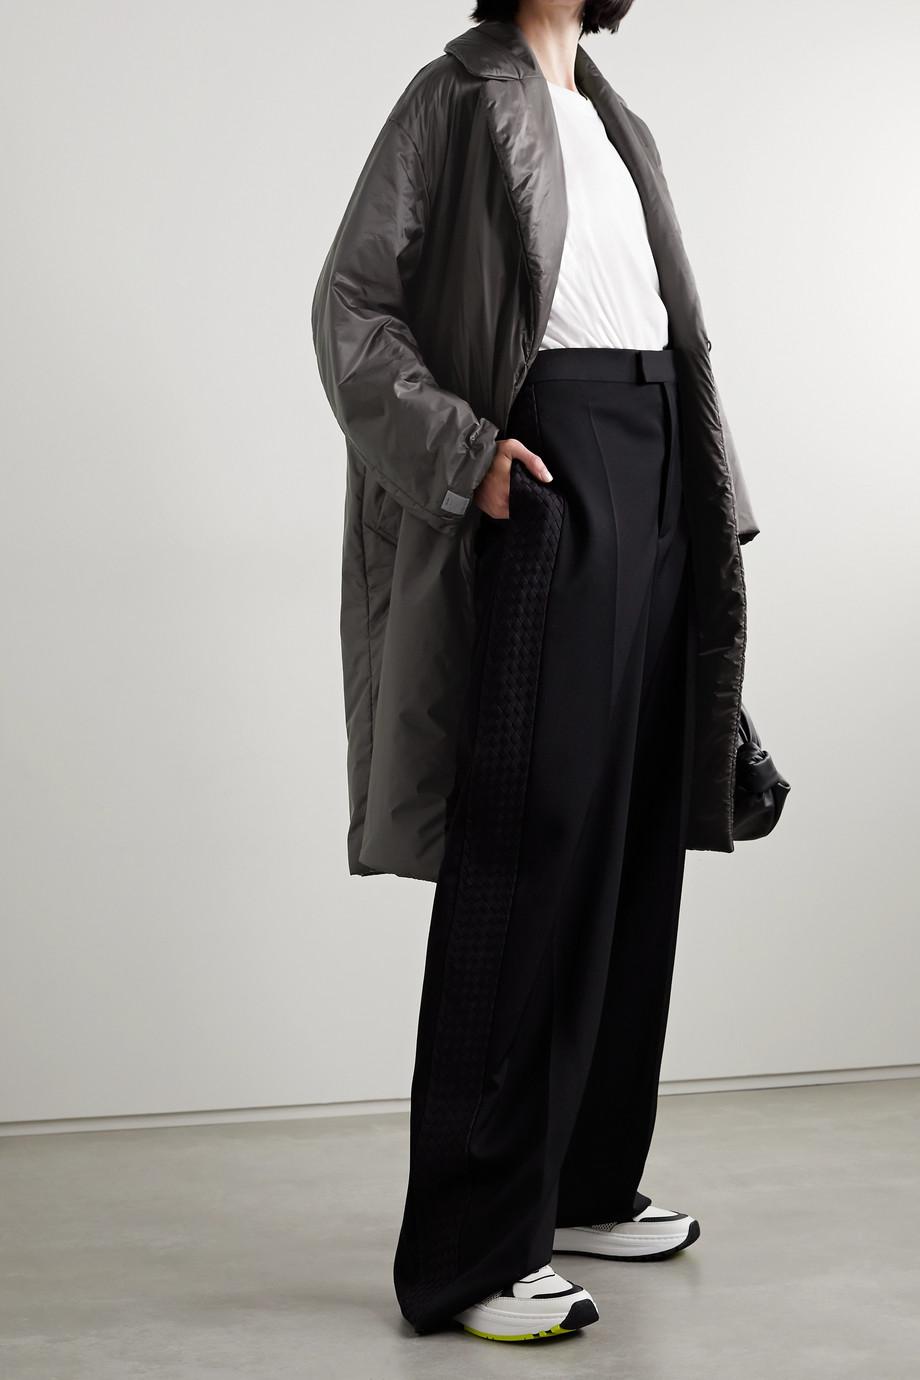 Max Mara Manteau en tissu technique rembourré à ceinture Greenco Cube